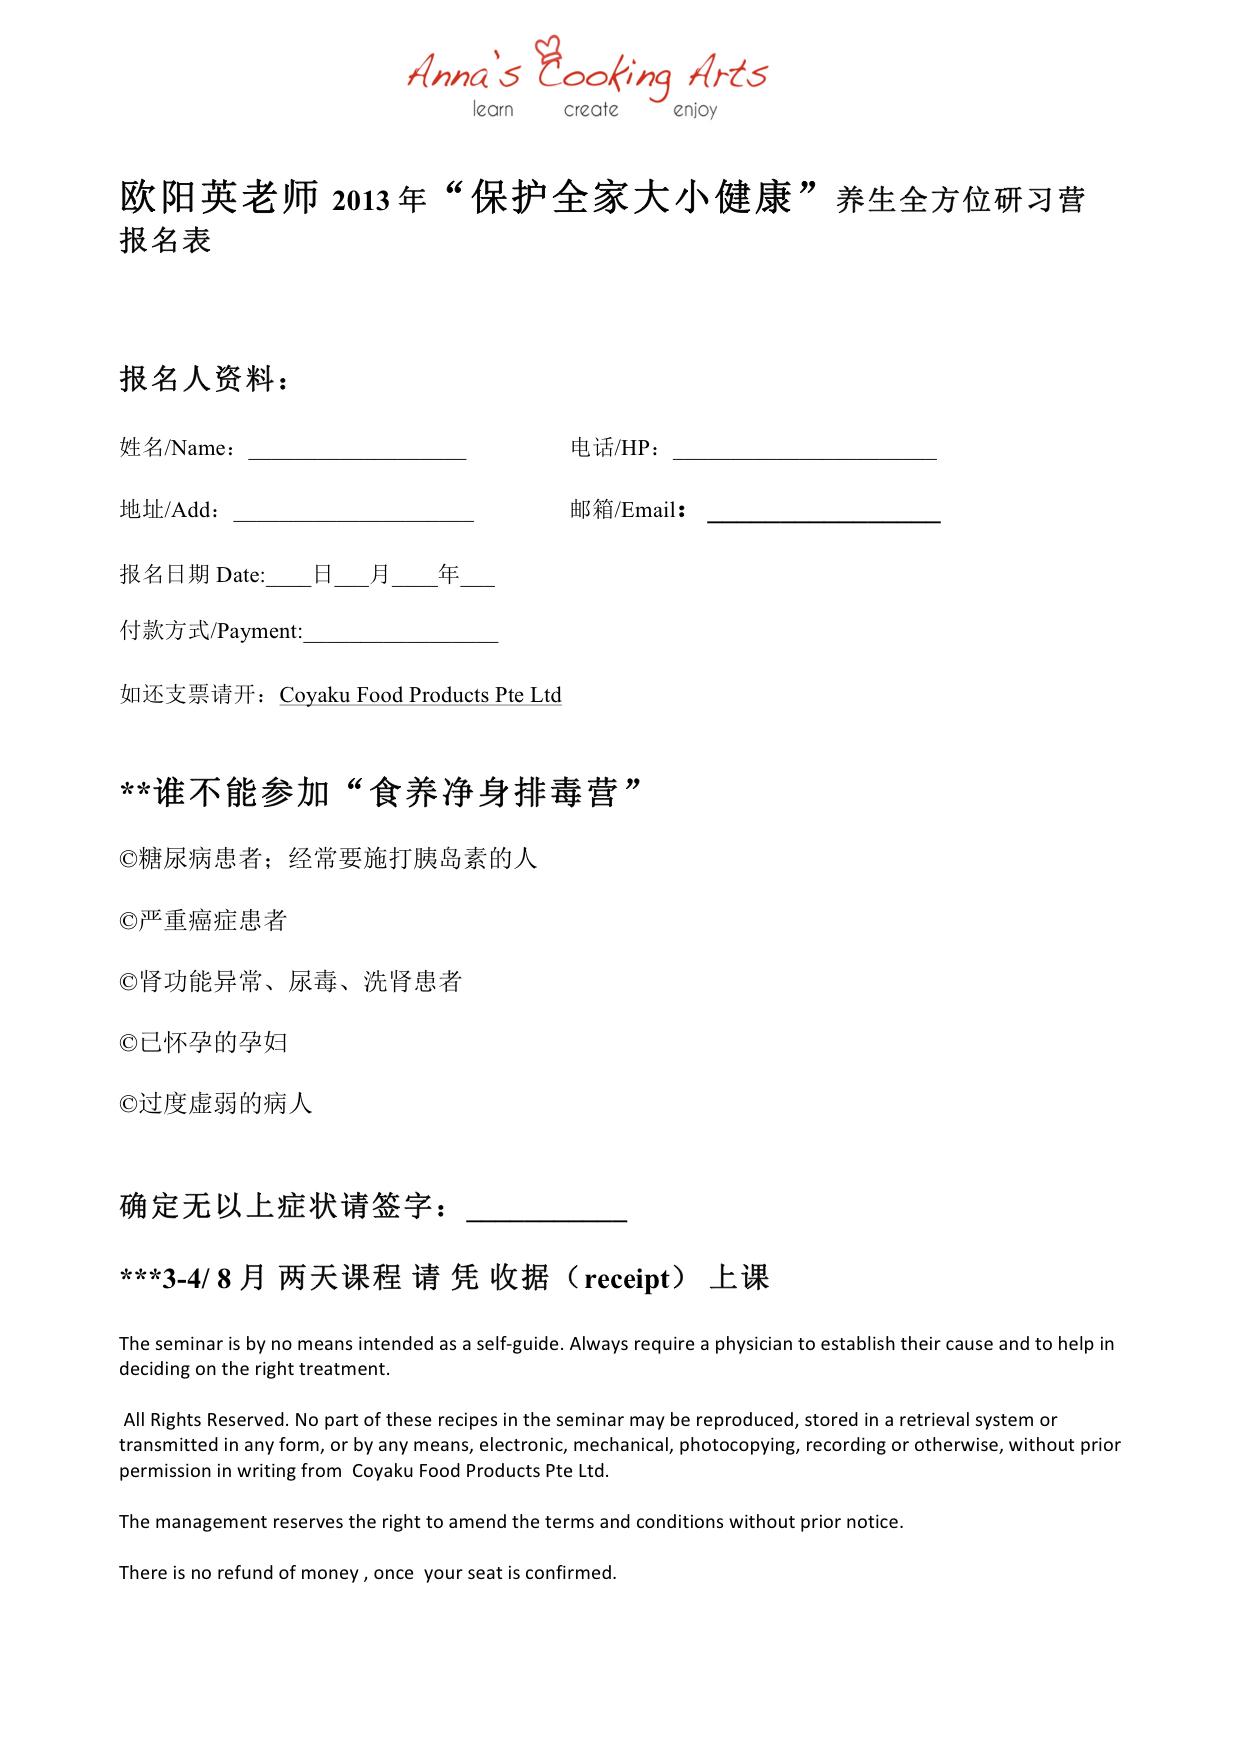 欧阳英老师03-04 八月_2013活动 - Copy 1